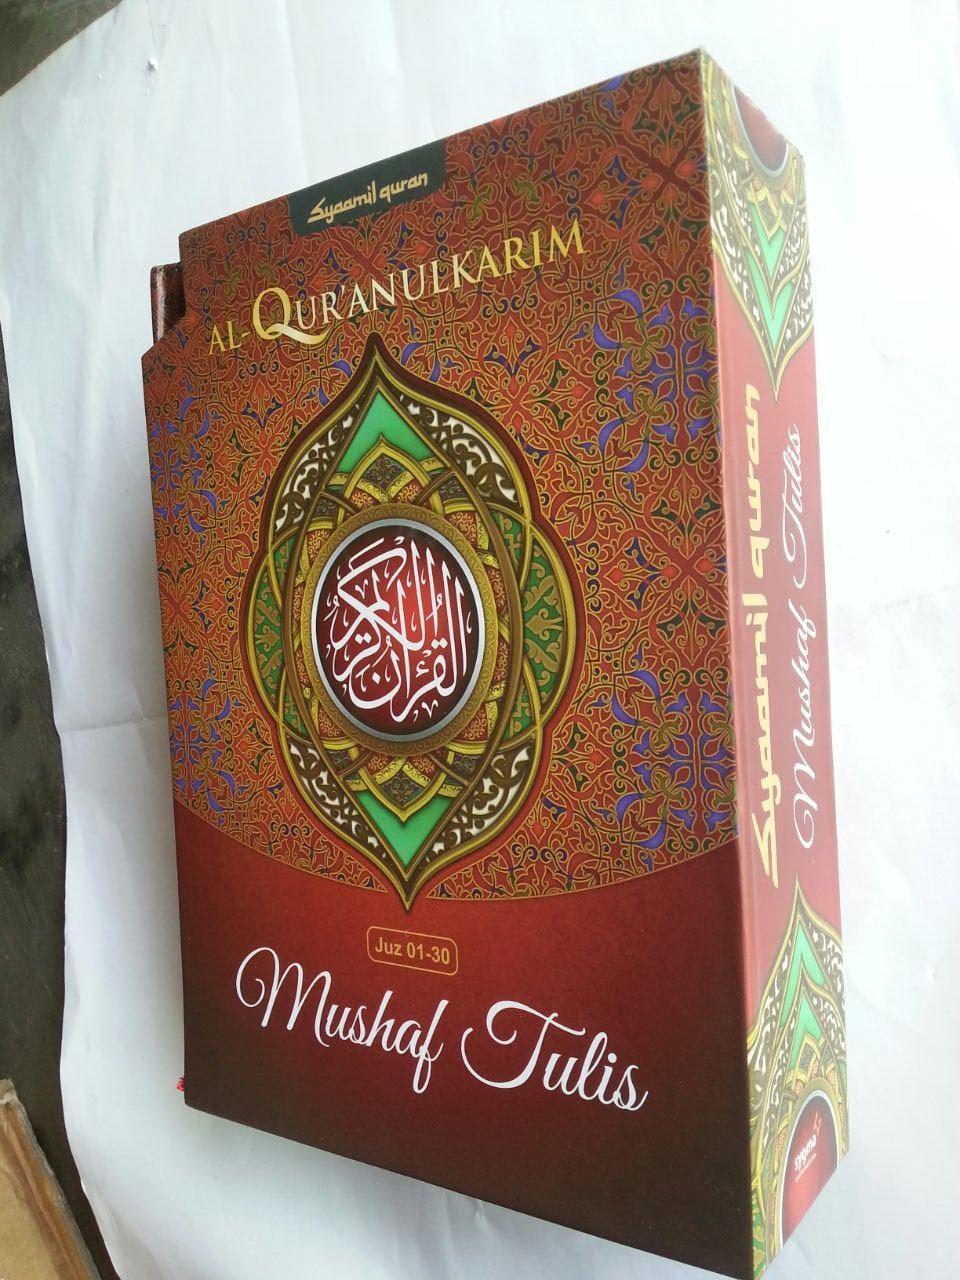 Al-Qur'anul Karim Mushaf Tulis 30 Juz 3 Jilid Ukuran B5 cover 4